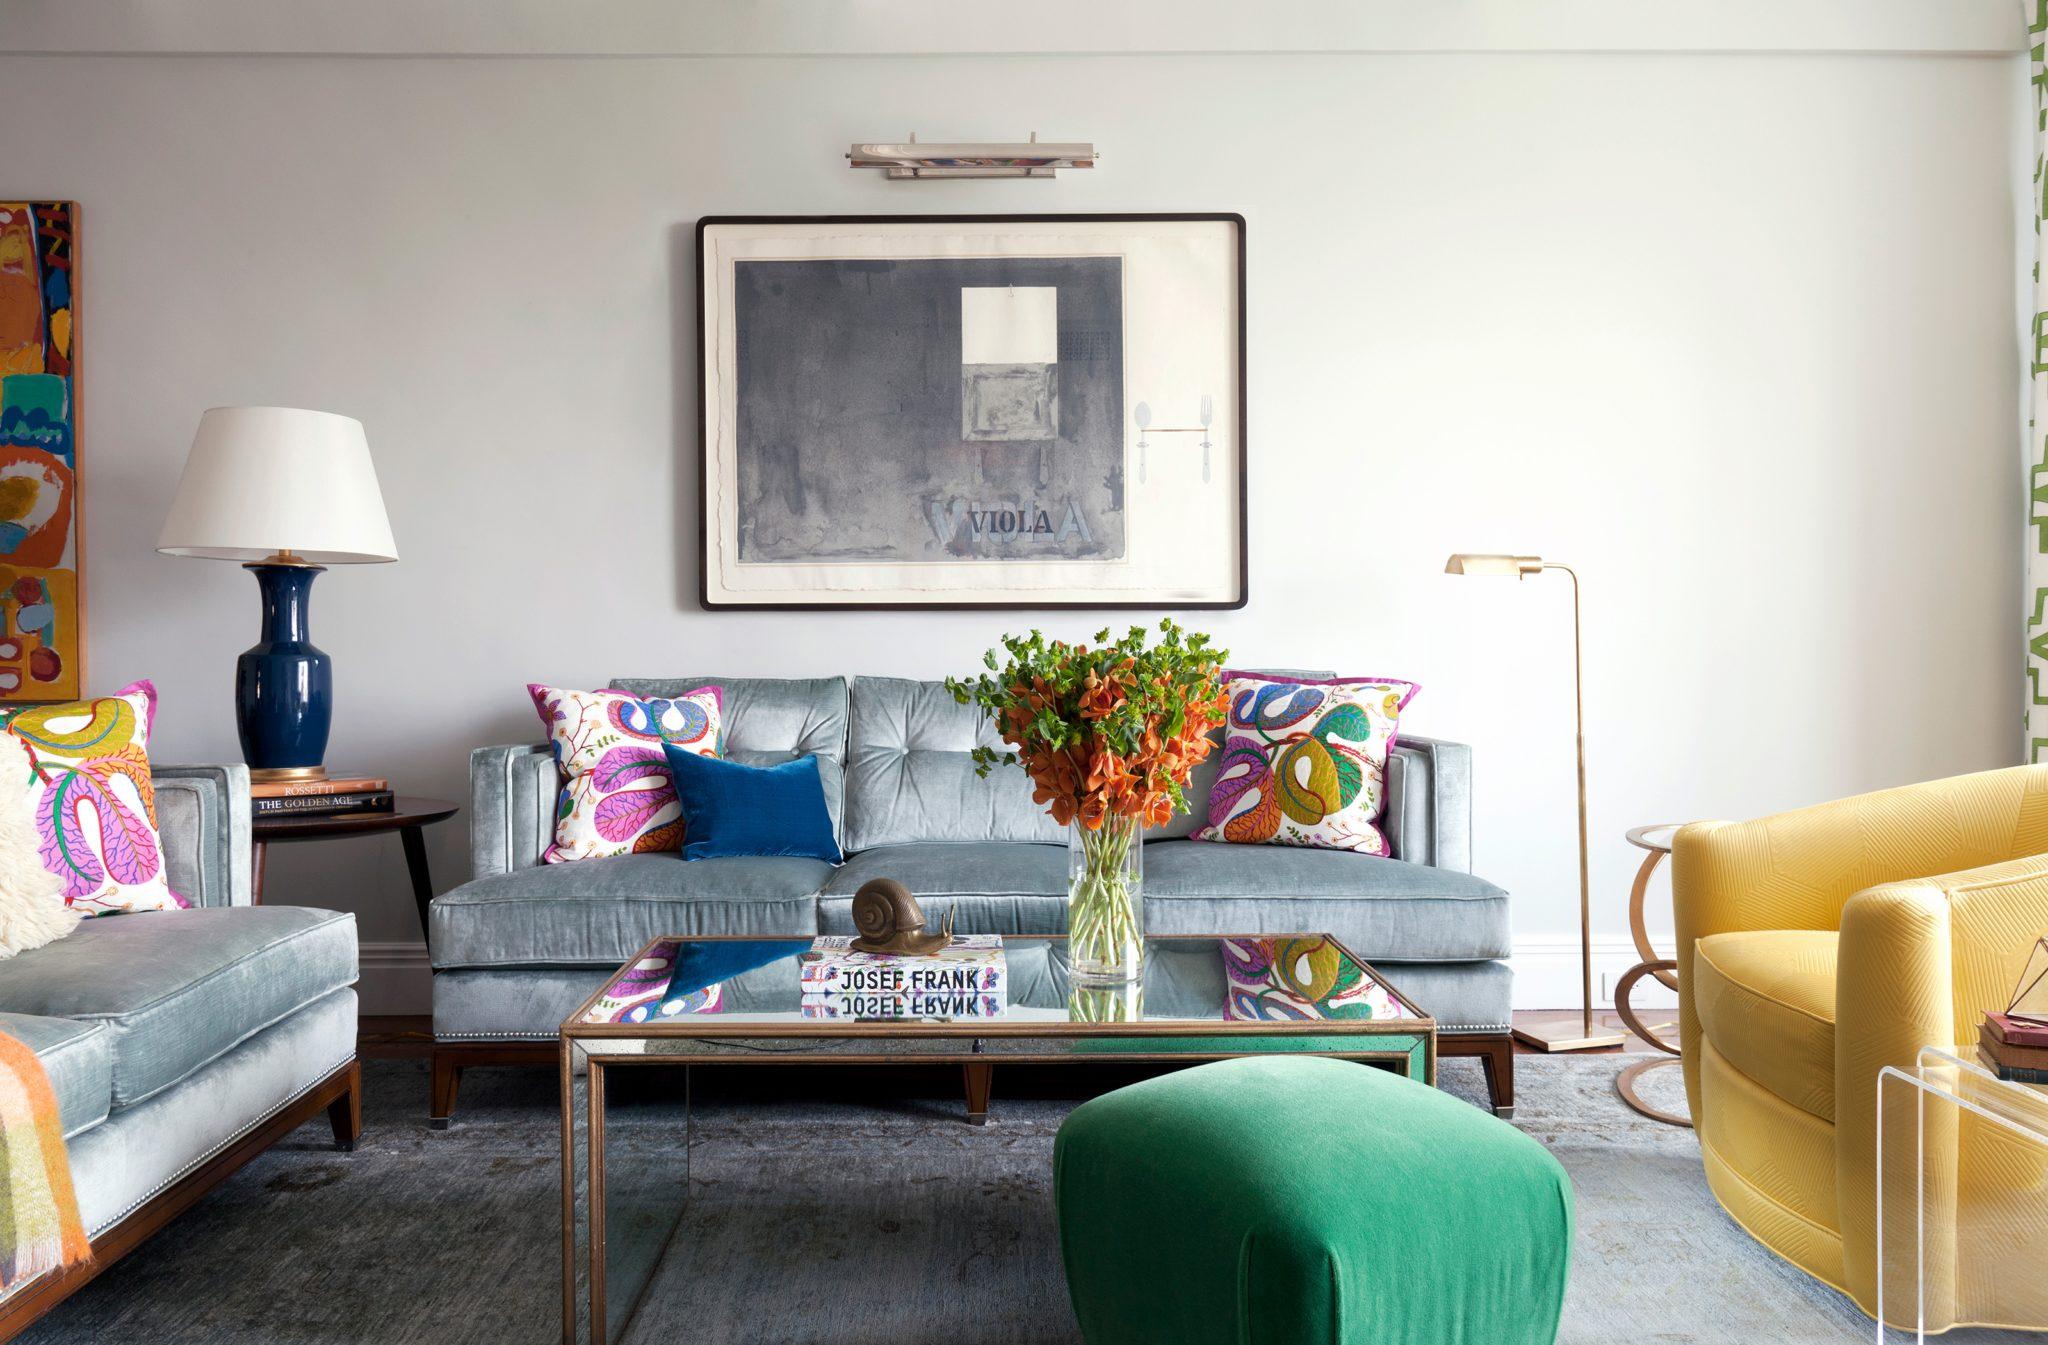 Cùng chiêm ngưỡng vẻ đẹp khó cưỡng của những căn phòng khách mang phong cách đương đại - Ảnh 18.